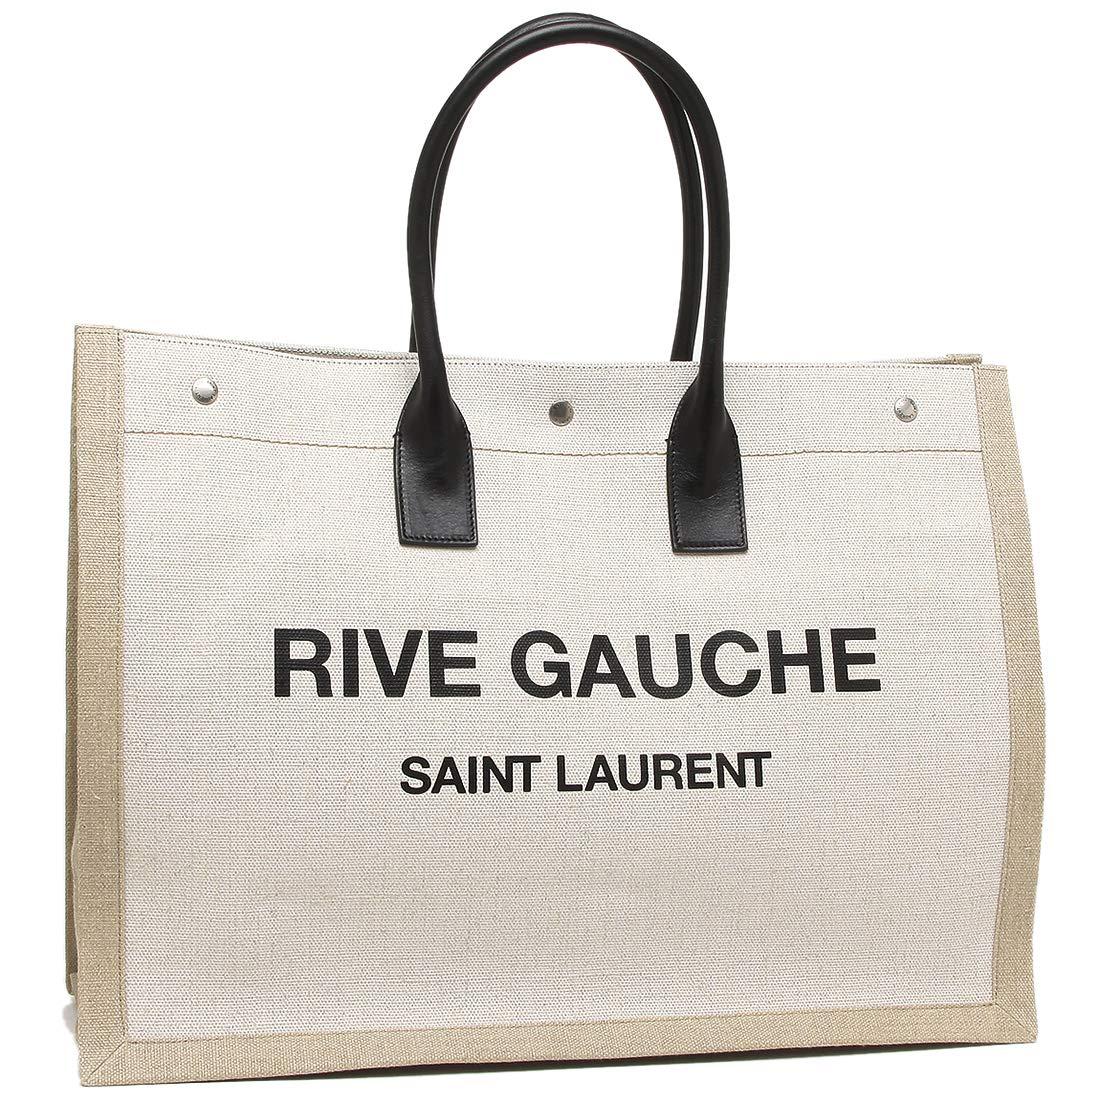 [サンローラン]トートバッグ レディース SAINT LAURENT PARIS 499290 9J52D 9280 ホワイト [並行輸入品] B07PGG3S9G